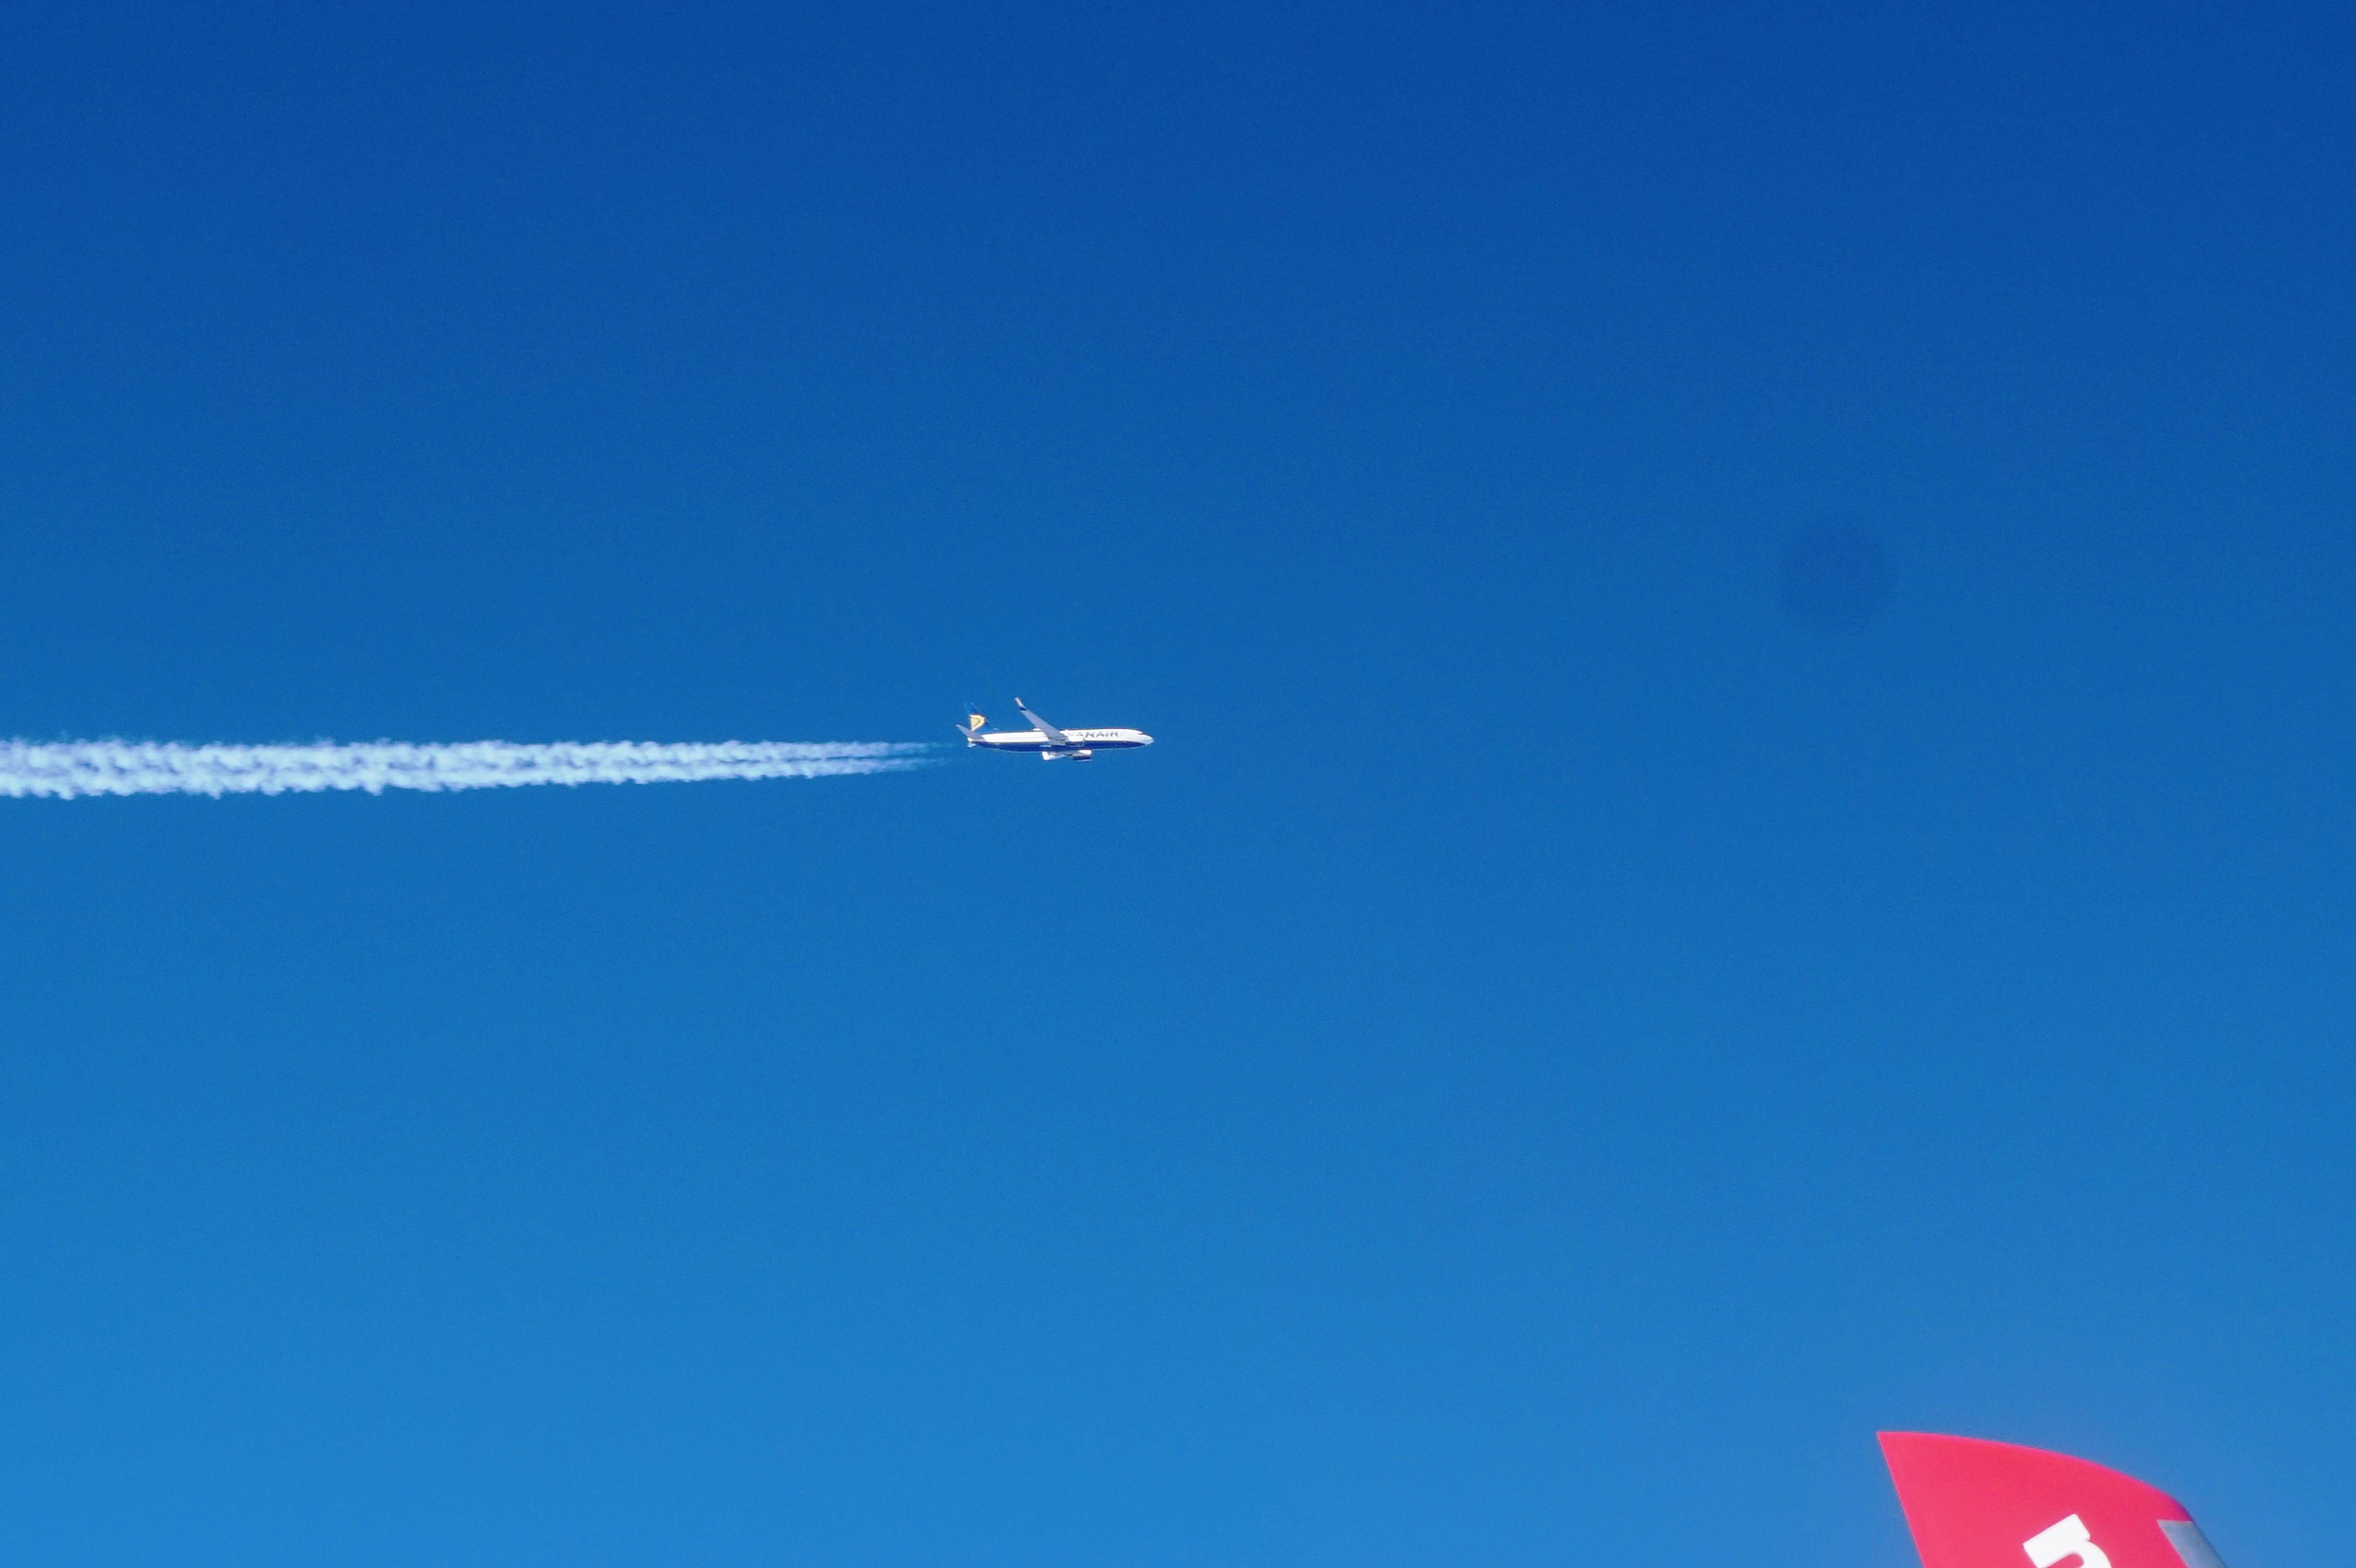 Ryanair B737 seen in the sky